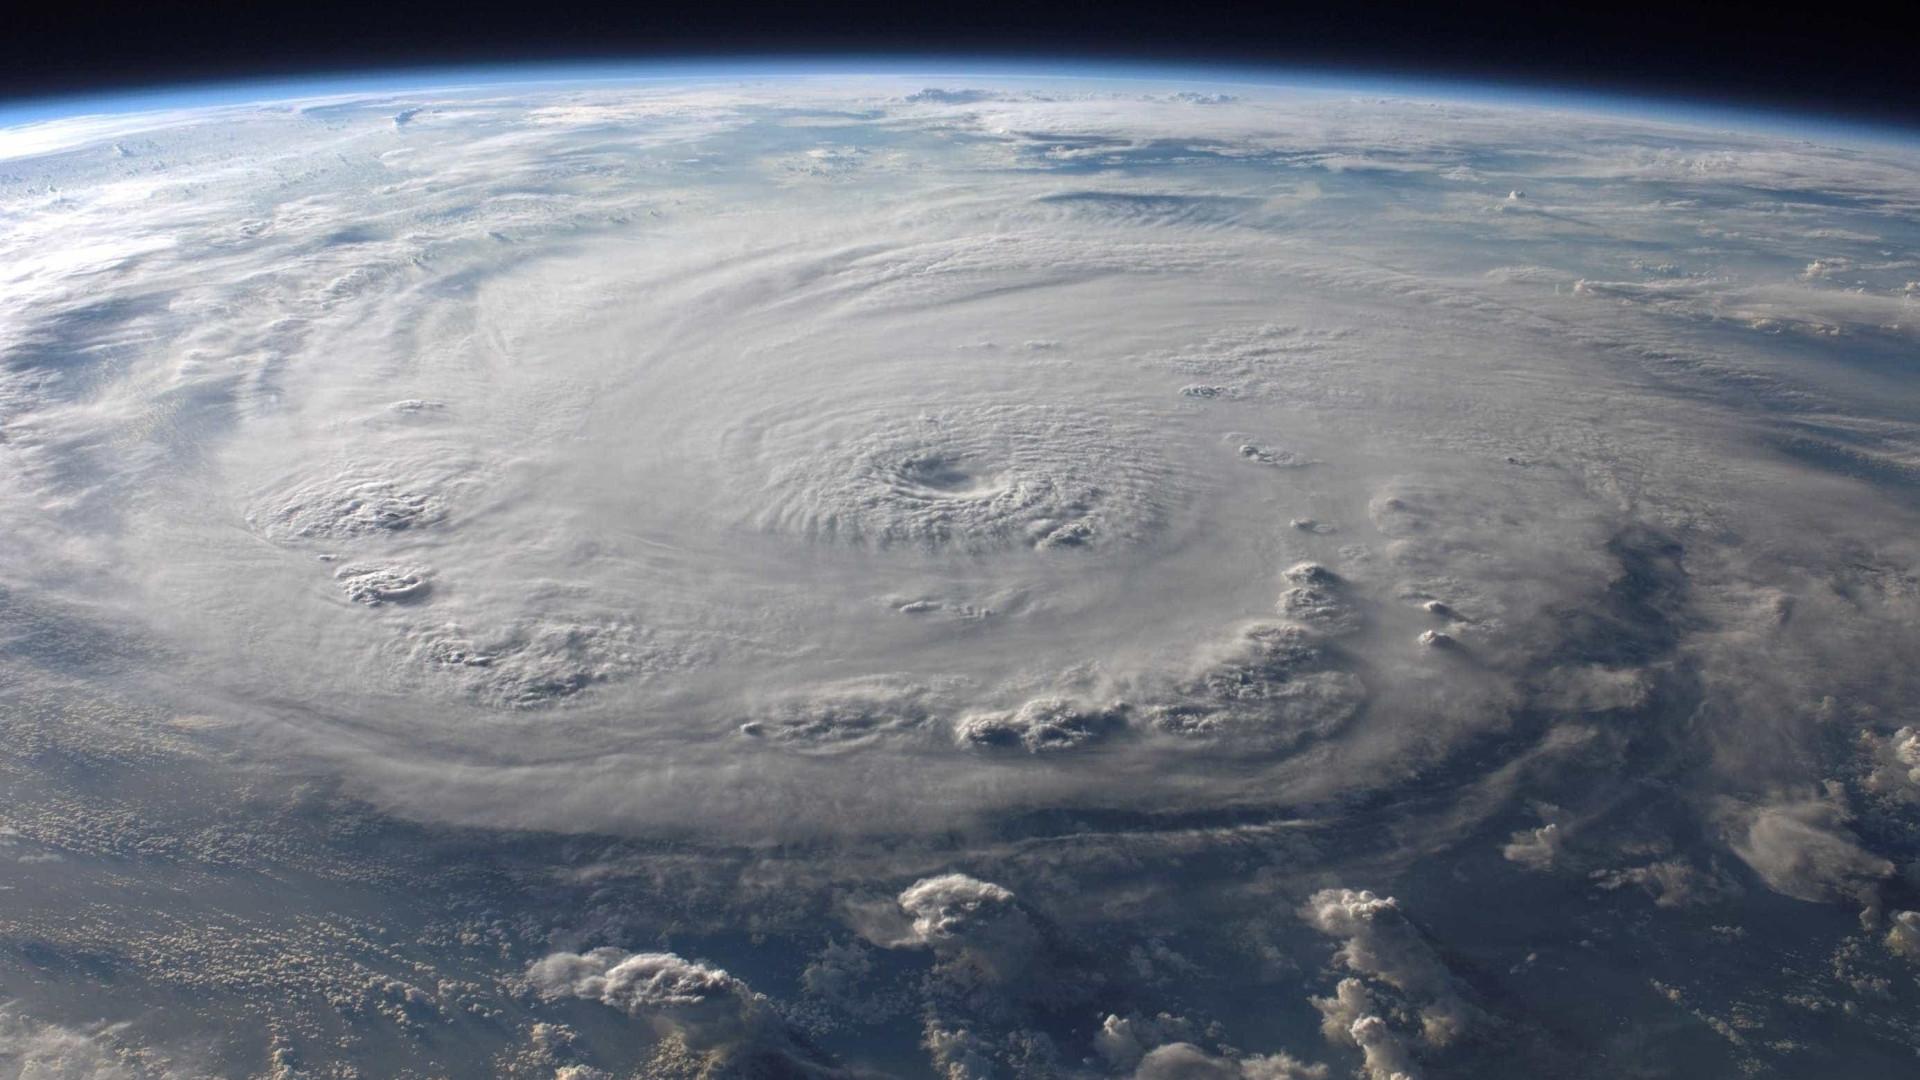 Furacão Willa reduz para categoria 4 a caminho da costa mexicana